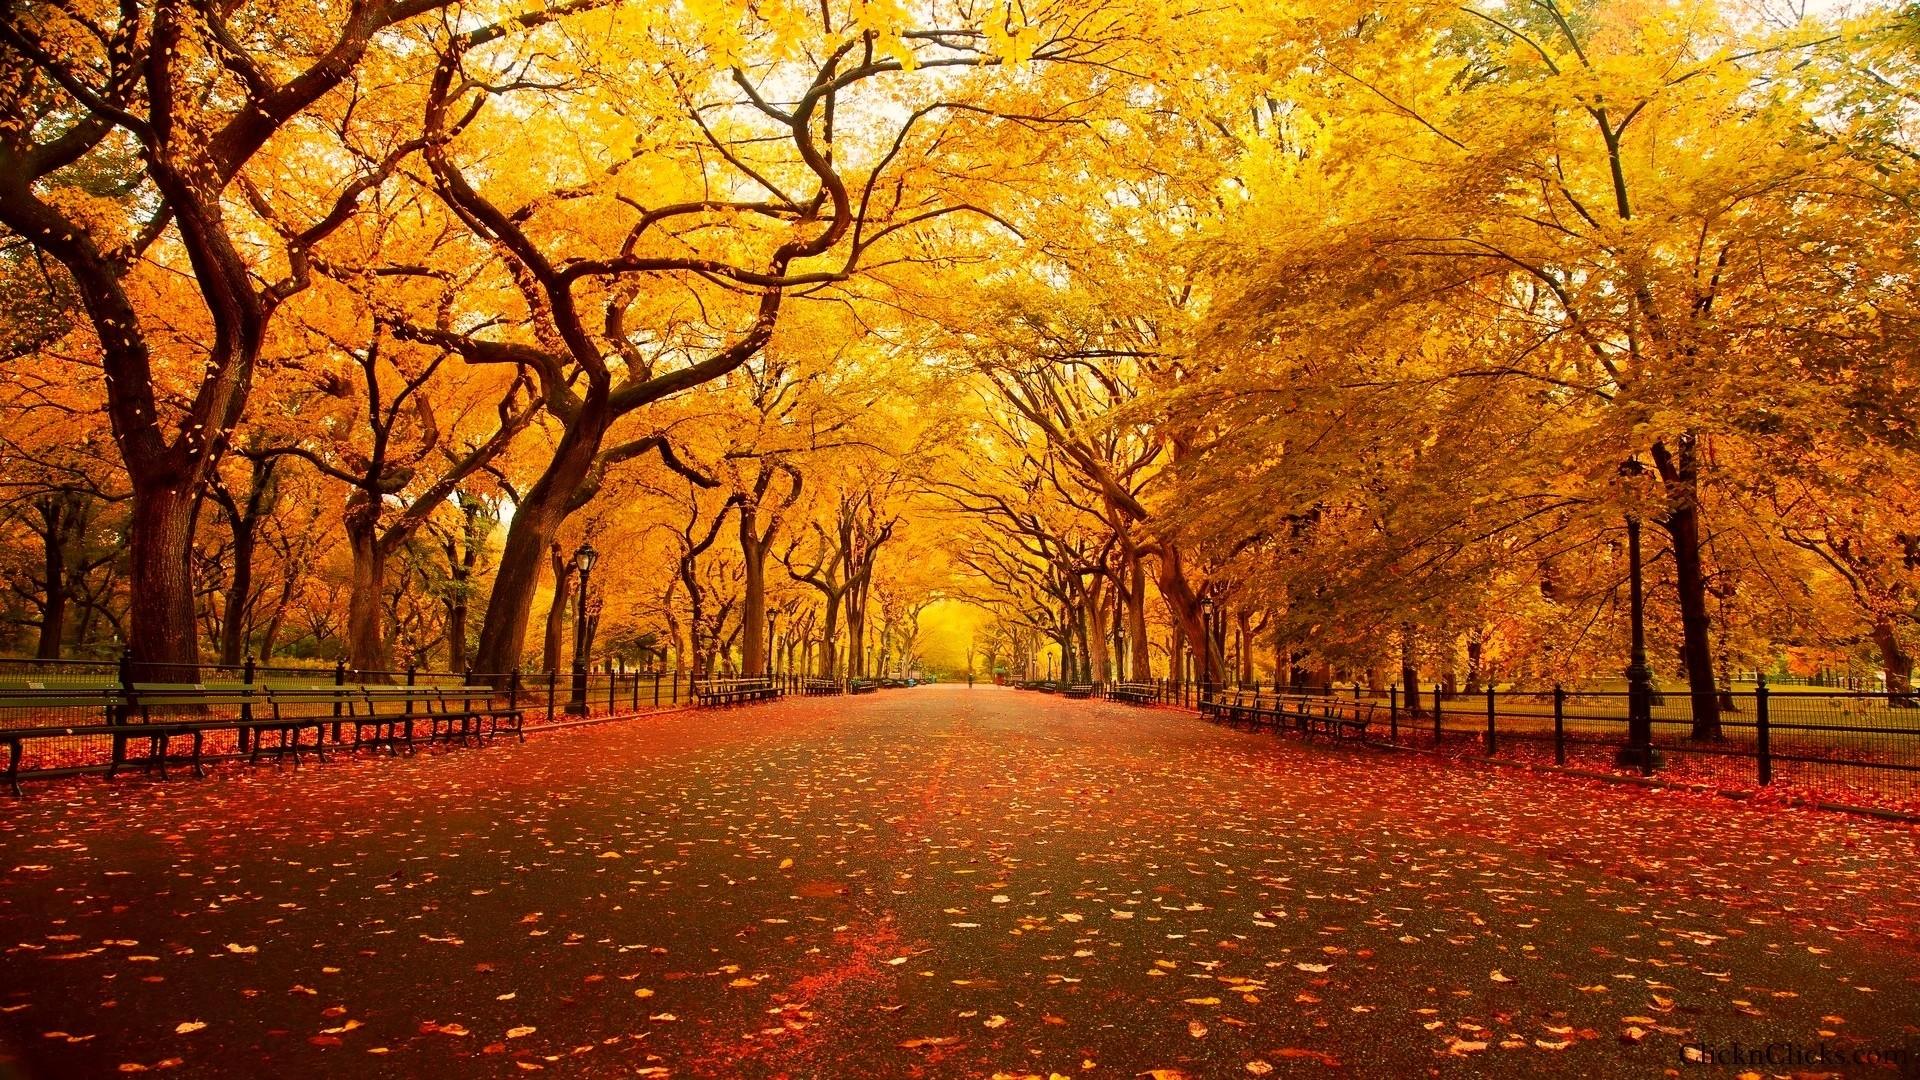 … imagenes-de-otoño-hd-gratis …